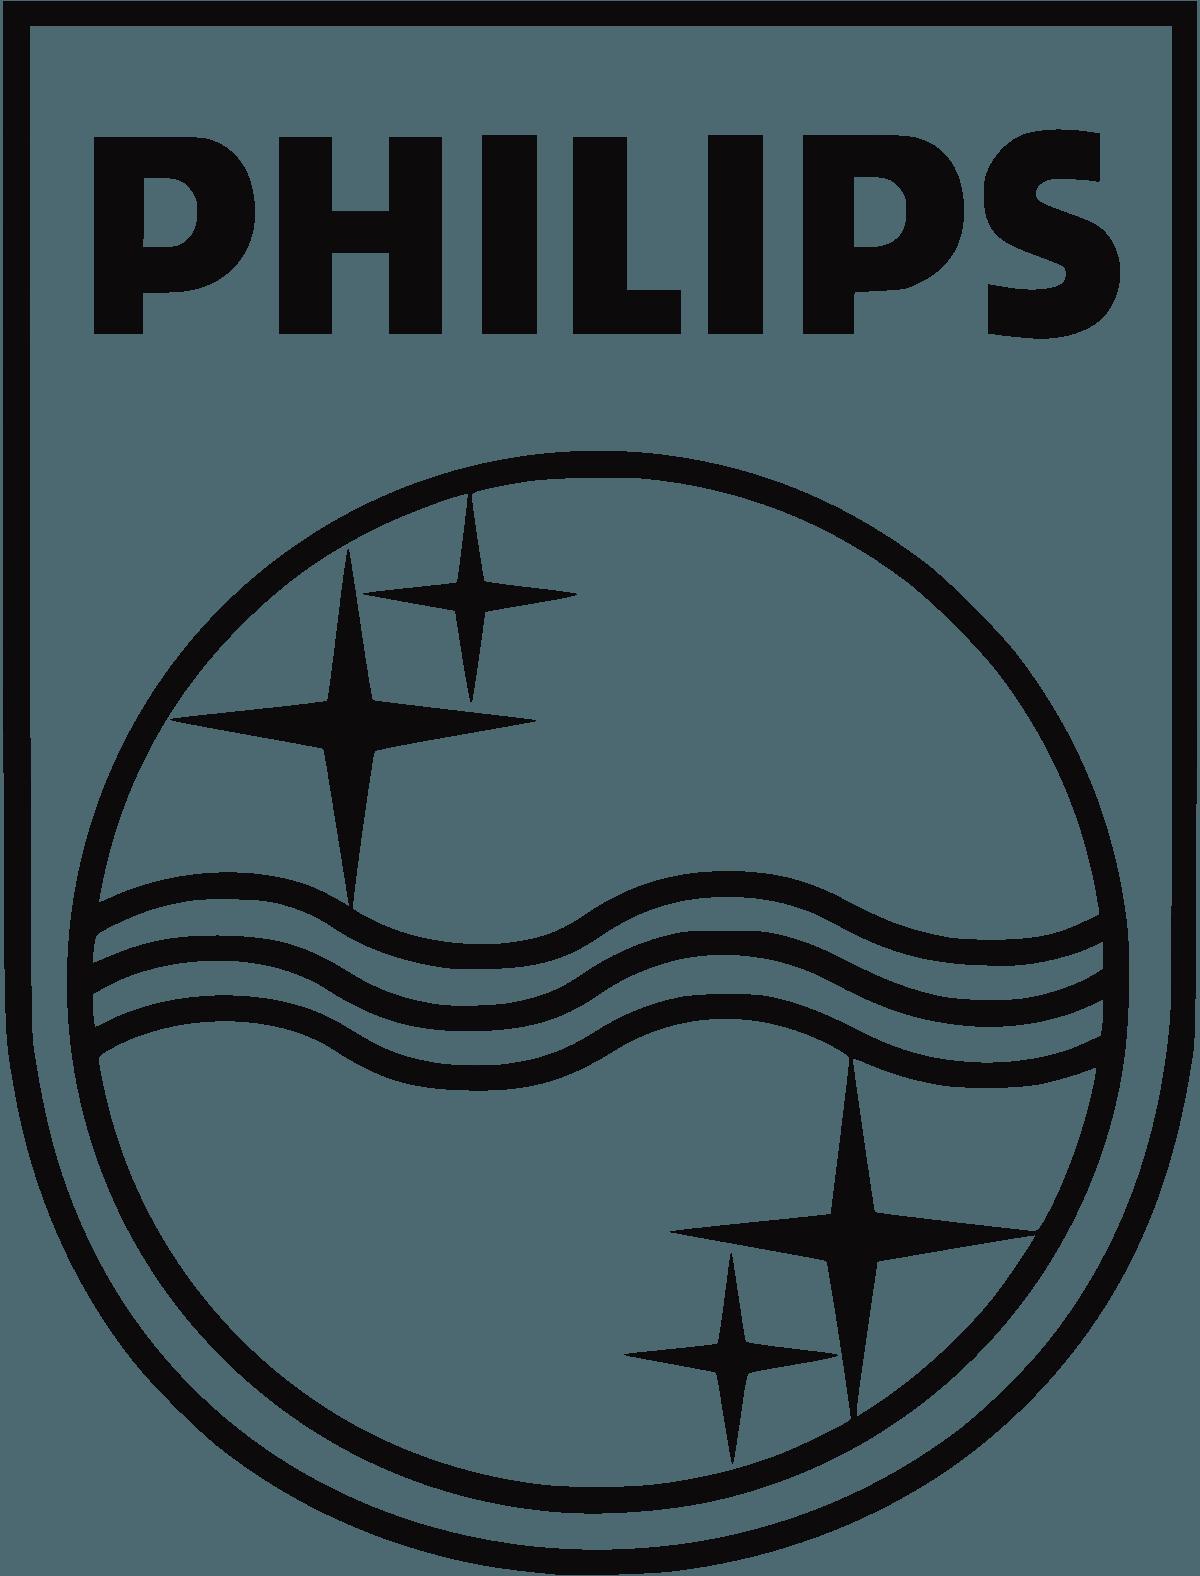 Phillips Logo